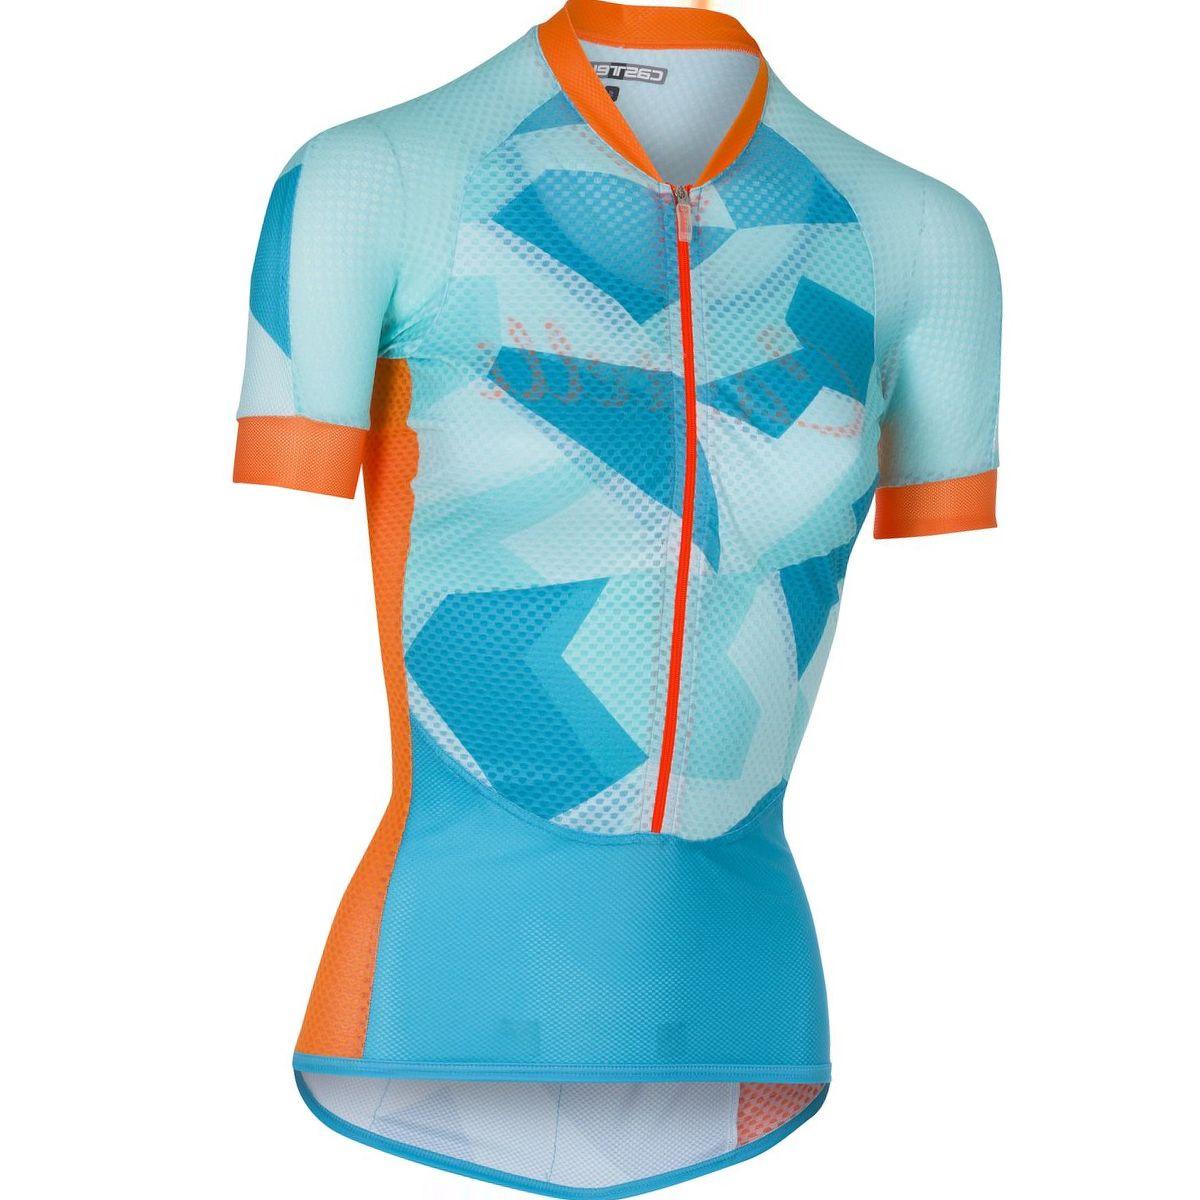 Castelli Climber's Short Sleeve Jersey - Women's